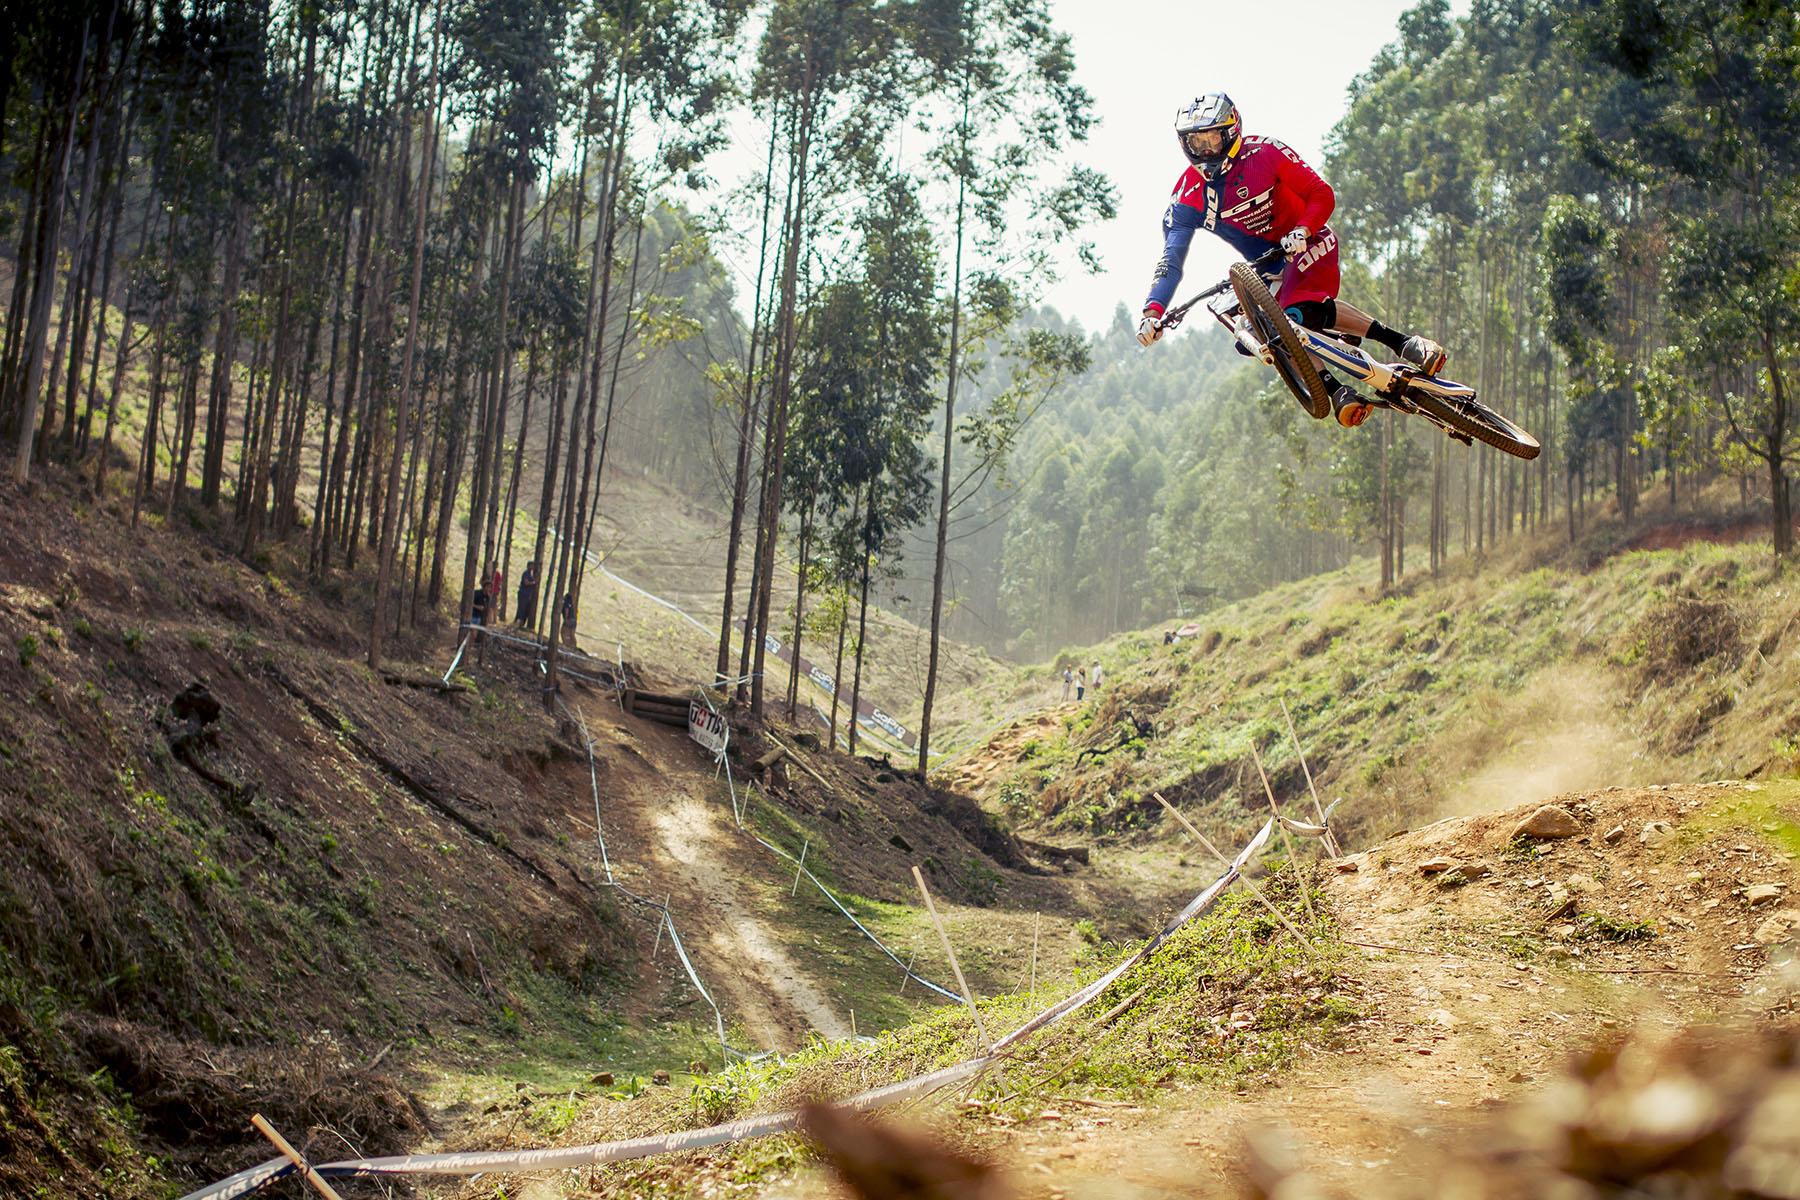 Die DH-Strecke in Pietermaritzburg bietet genug Möglichkeiten für Big Air Time!